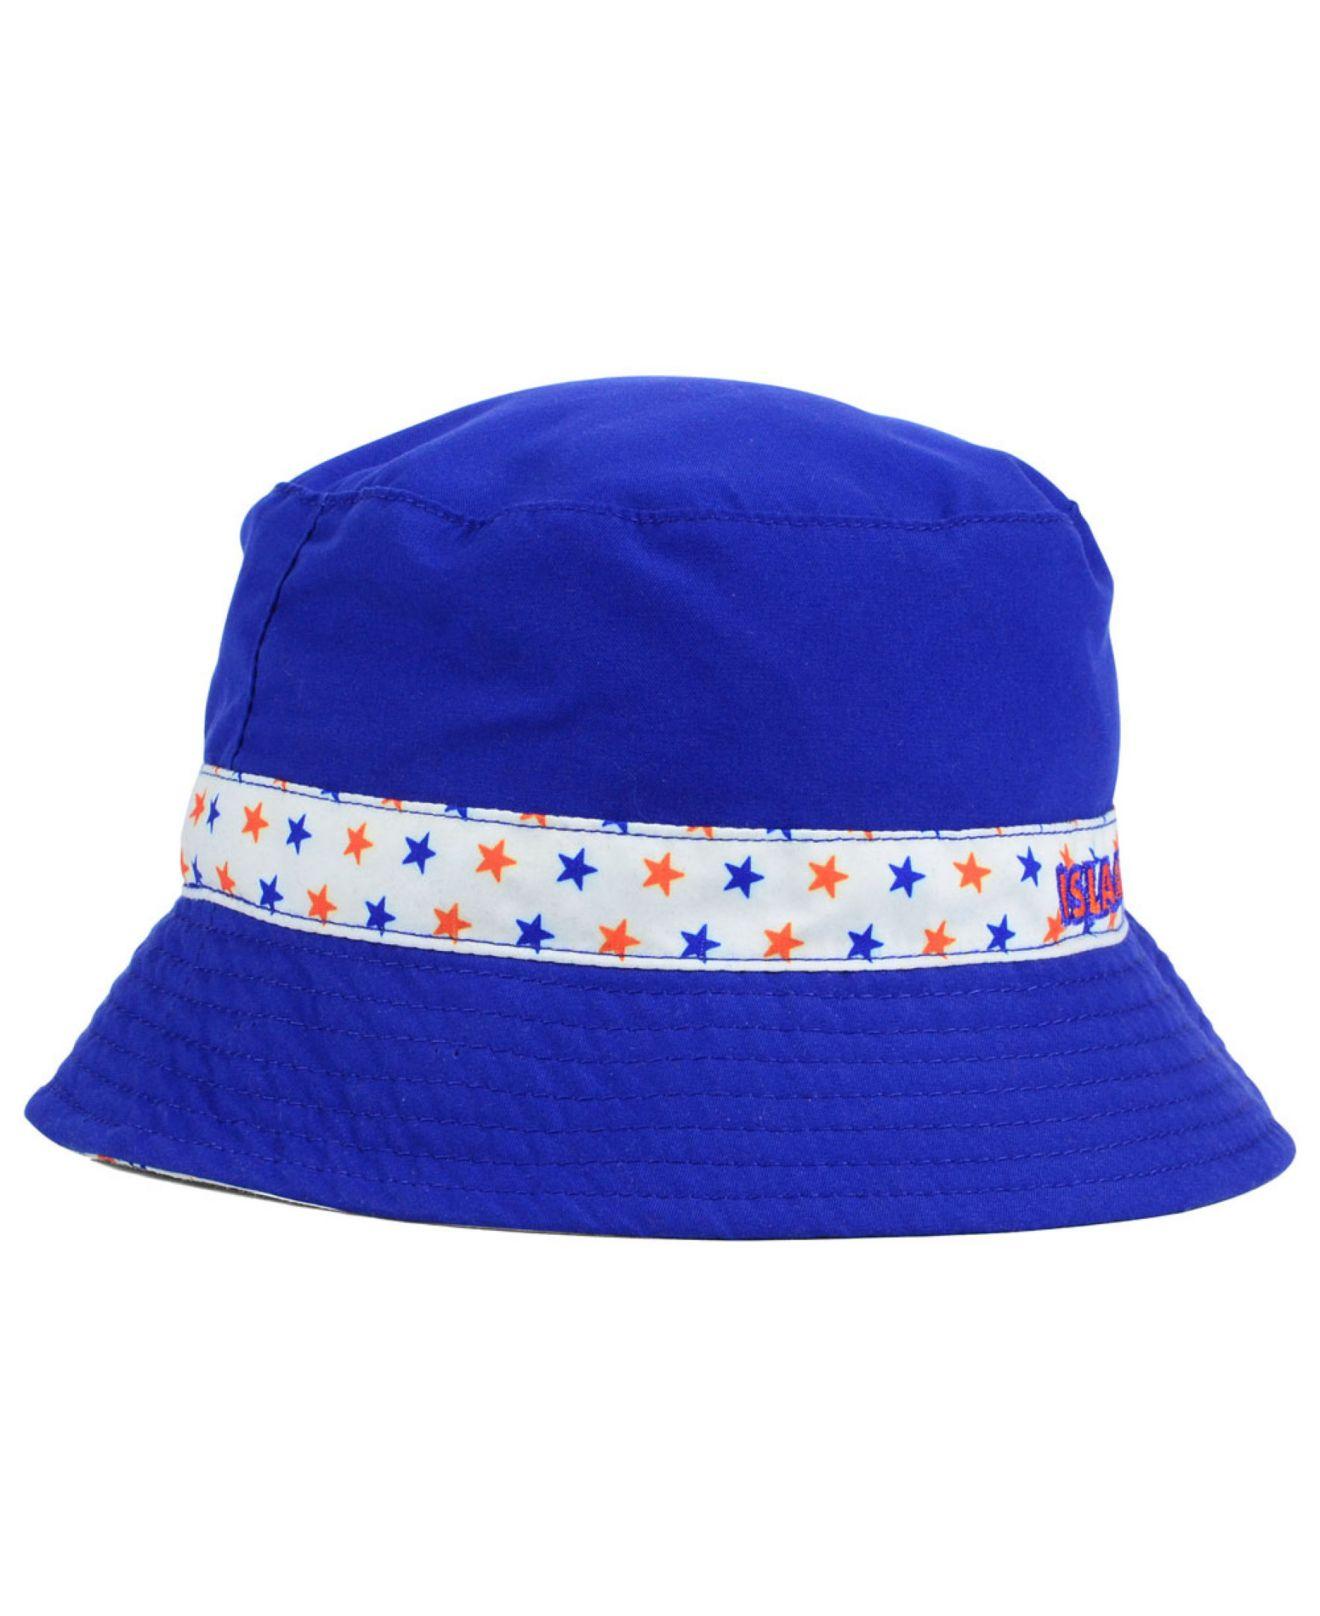 separation shoes 2eee8 365c2 ... spain lyst ktz kids new york islanders reversible bucket hat in blue  62af9 56925